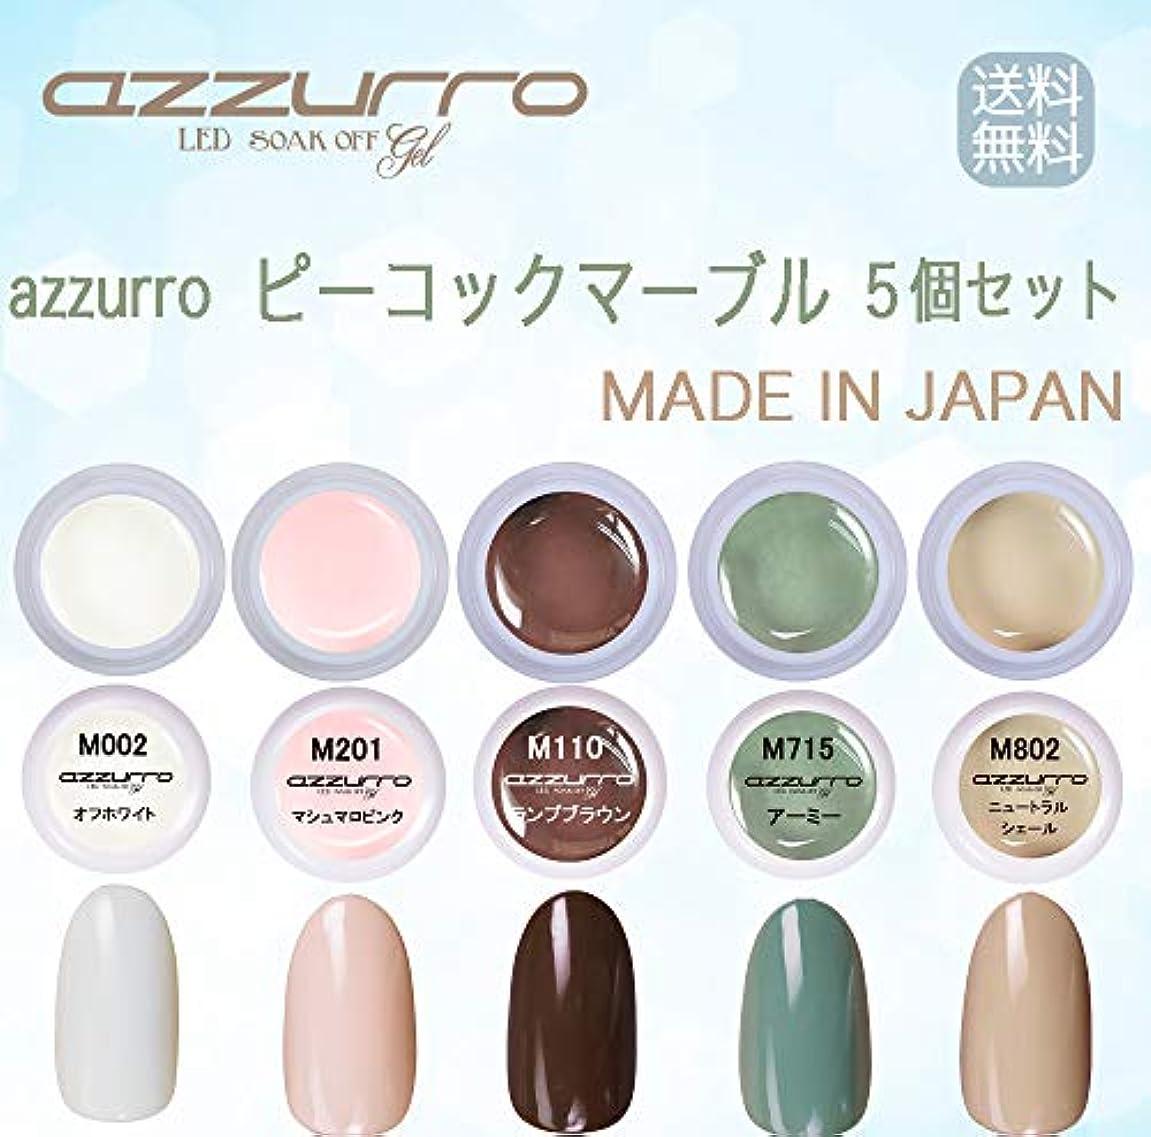 用語集同行支払い【送料無料】日本製 azzurro gel ピーコックマーブルカラージェル5個セット 簡単でおしゃれにアートができるフェザーマーブルカラー